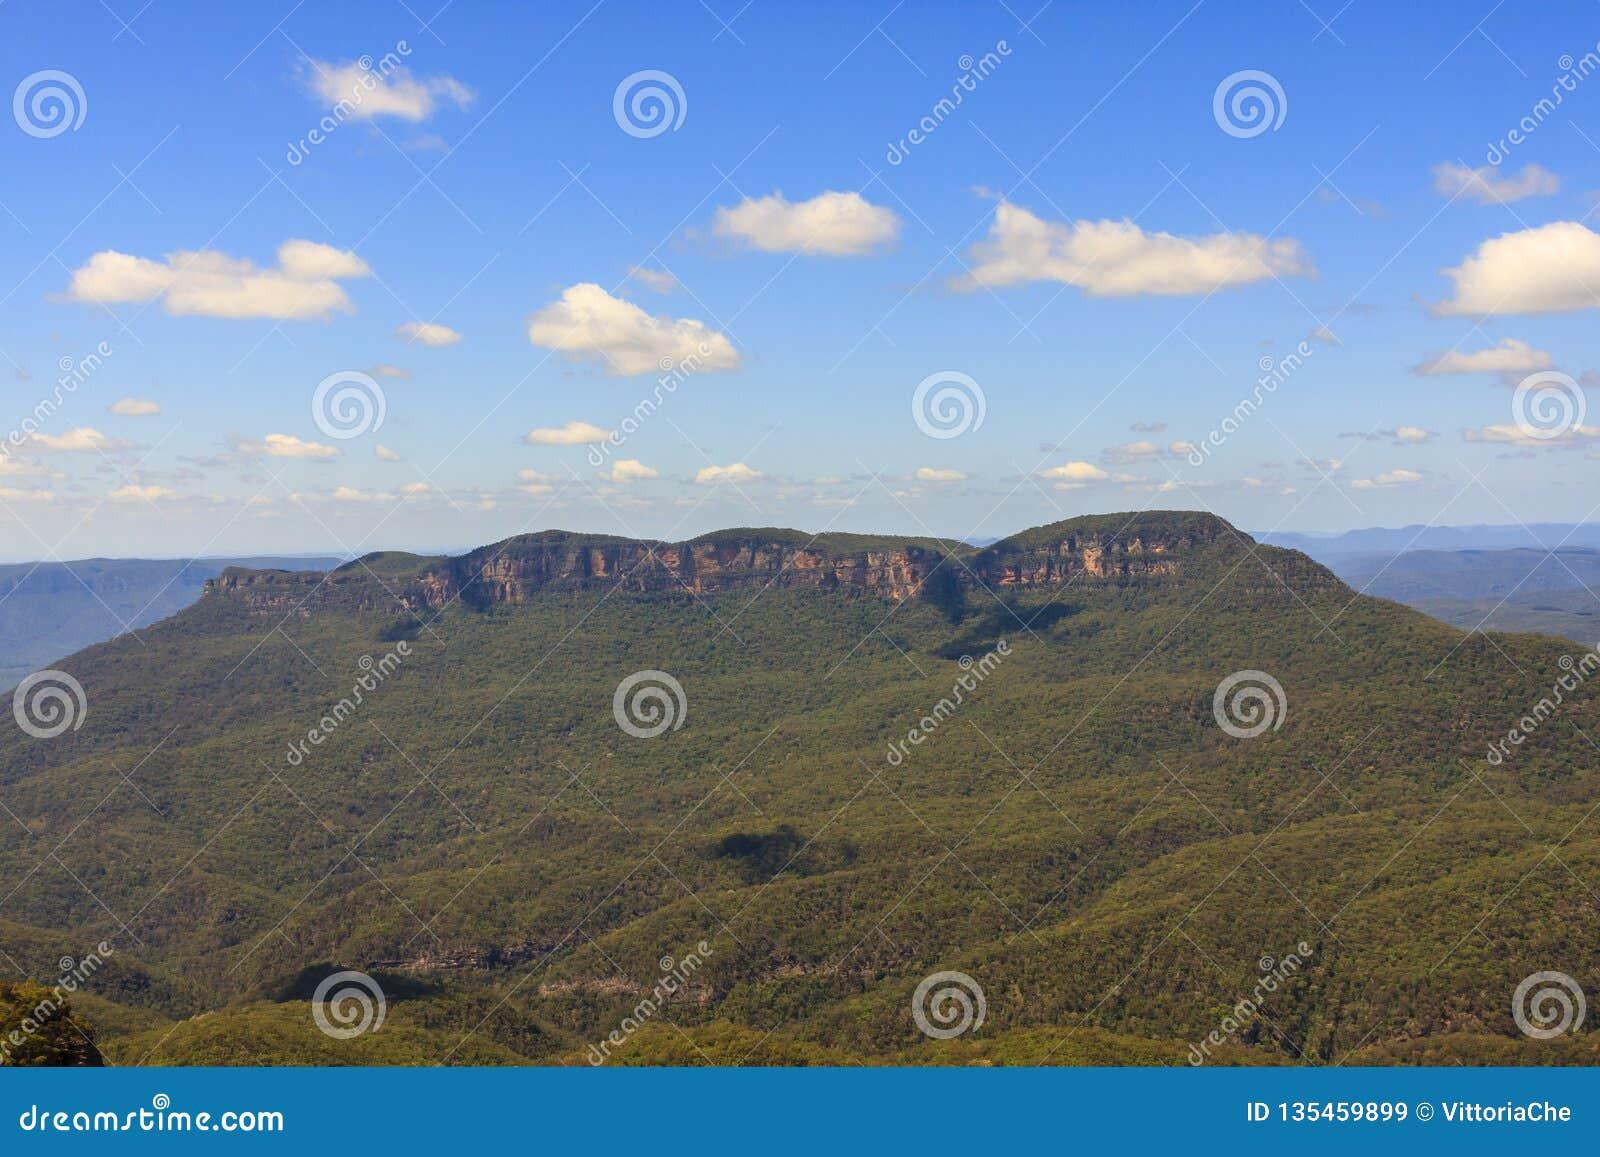 Mountain View azul Localizado em Echo Point Katoomba, Novo Gales do Sul, Austrália